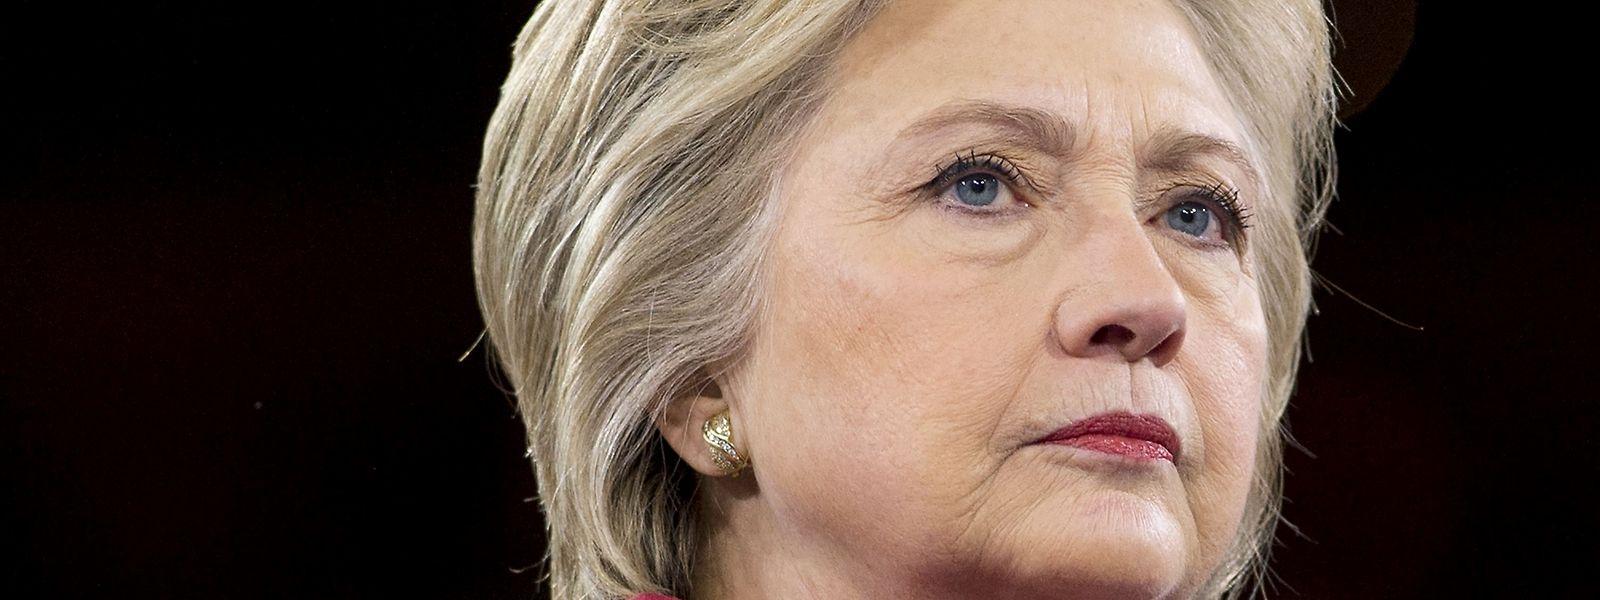 Hillary Clinton bahnt sich ihren Weg ins Weiße Haus. Nur Donald Trump kann sie noch schlagen.